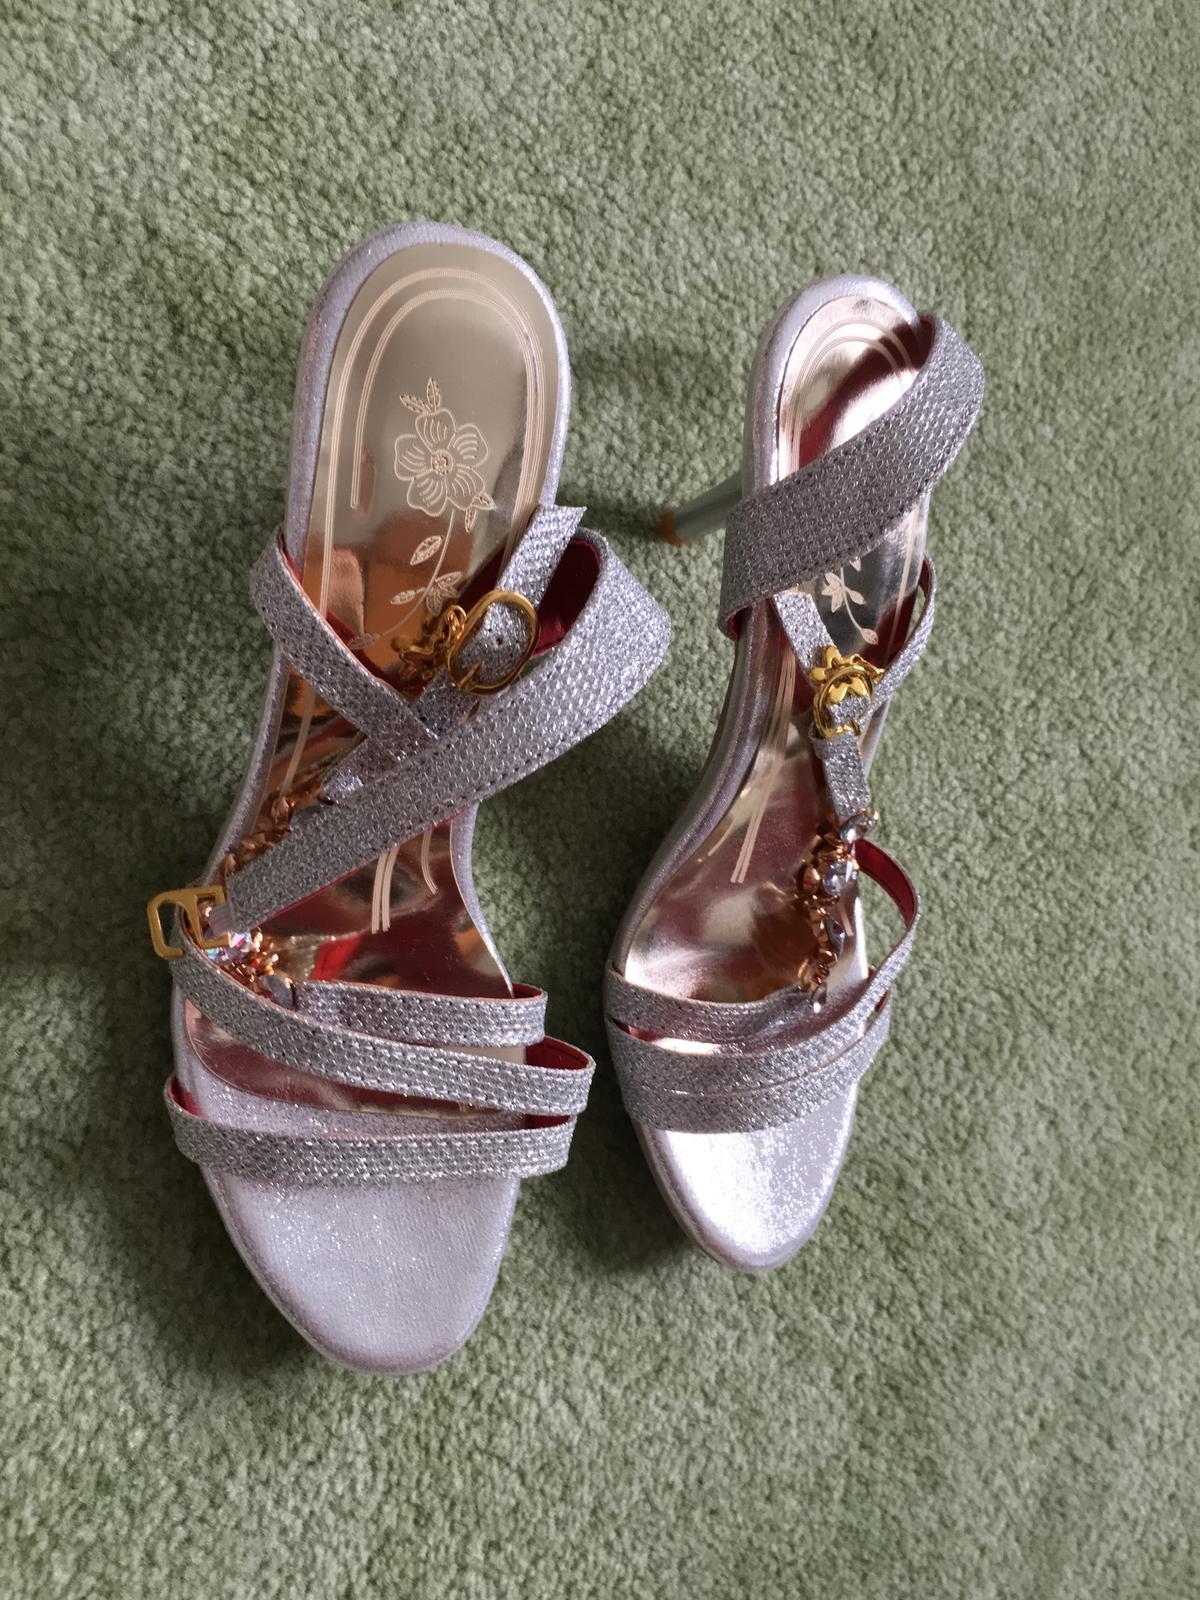 Strieborné sandálky - Obrázok č. 1